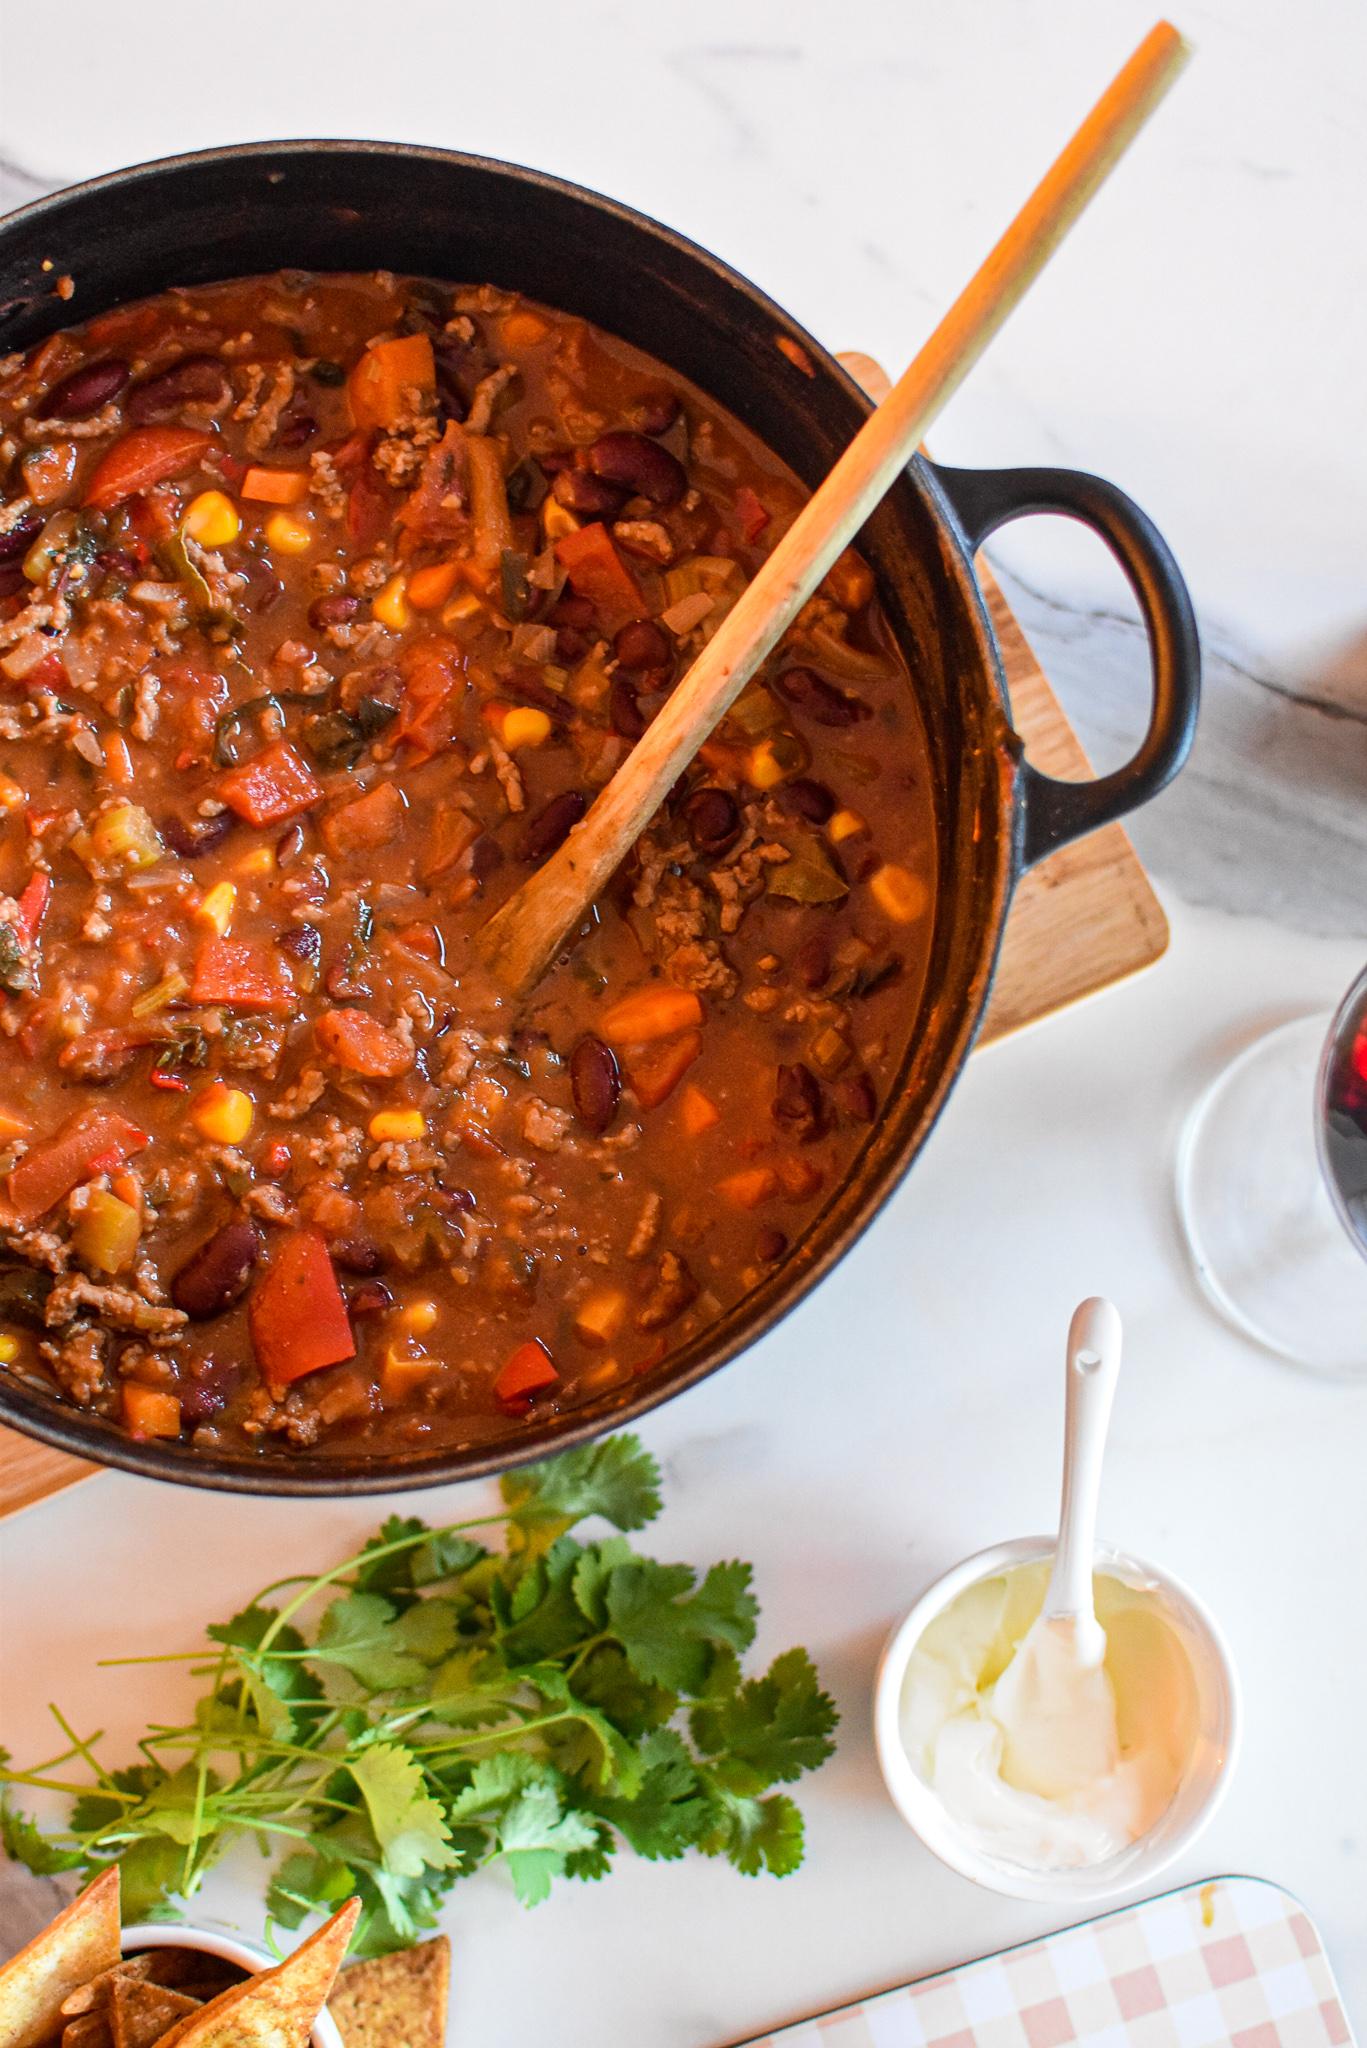 De lekkerste chili con carne à la Sofie